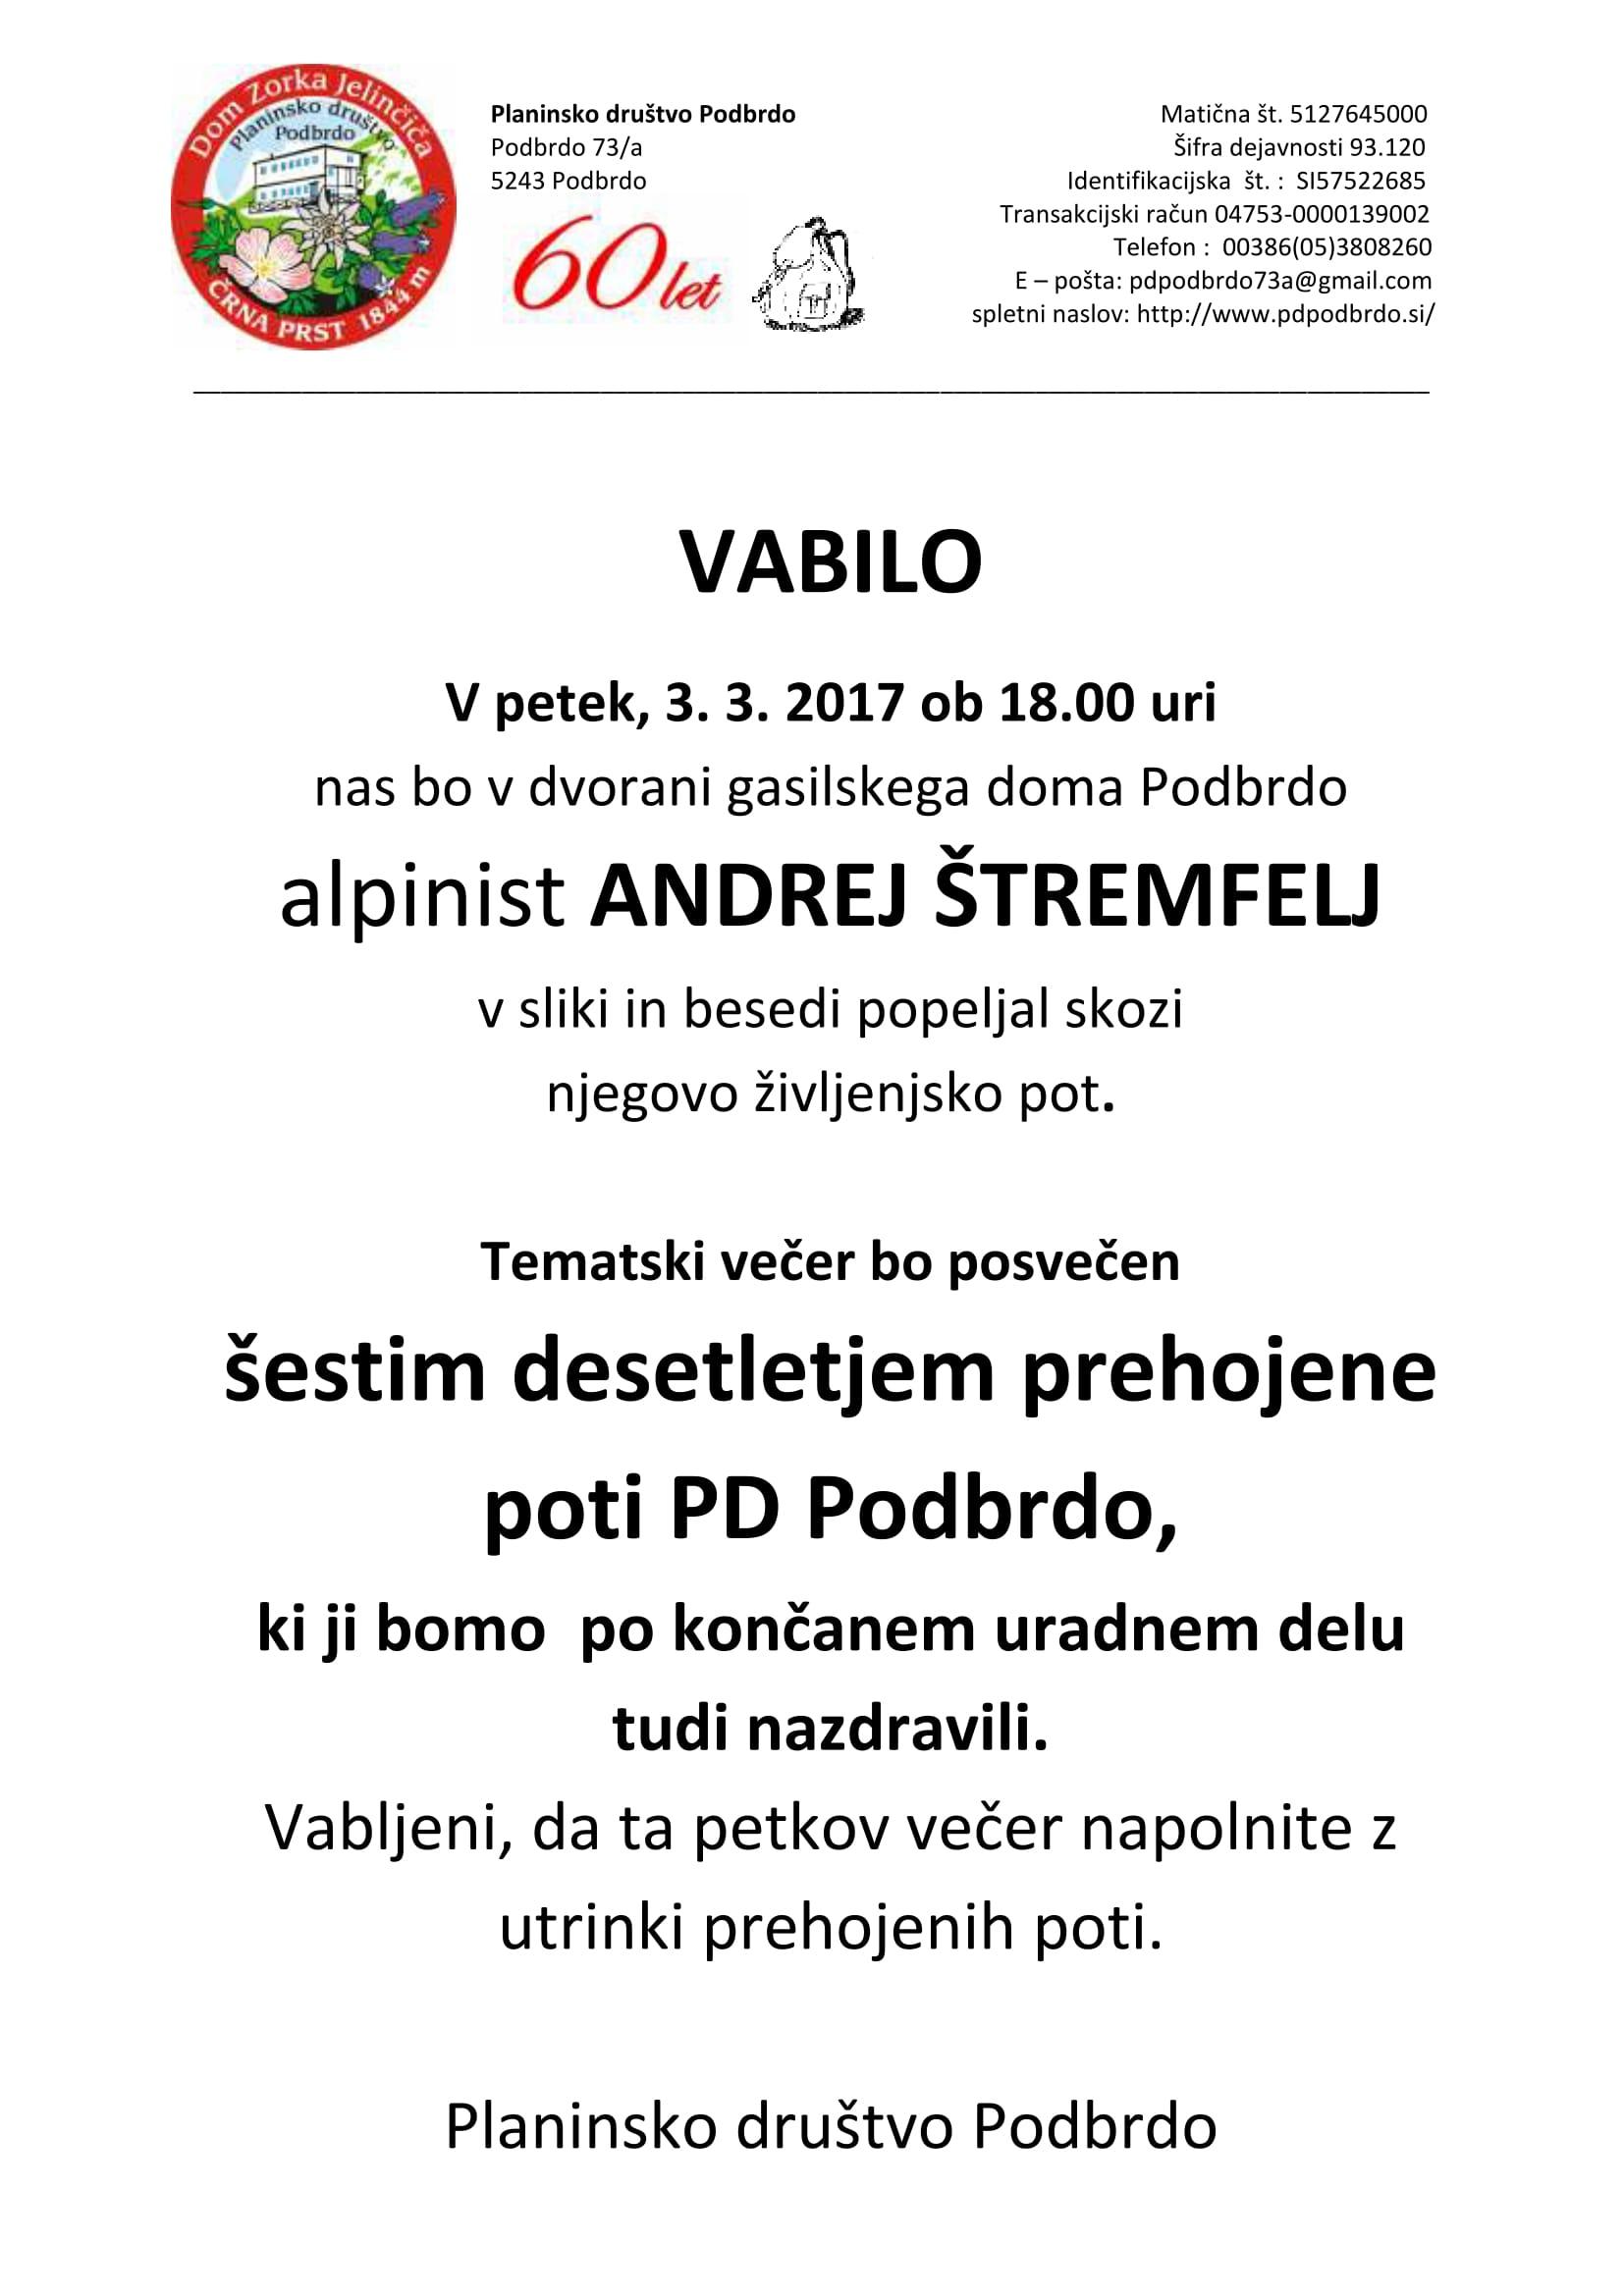 pd_podbrdo_60_let_predavanje_stremfelj